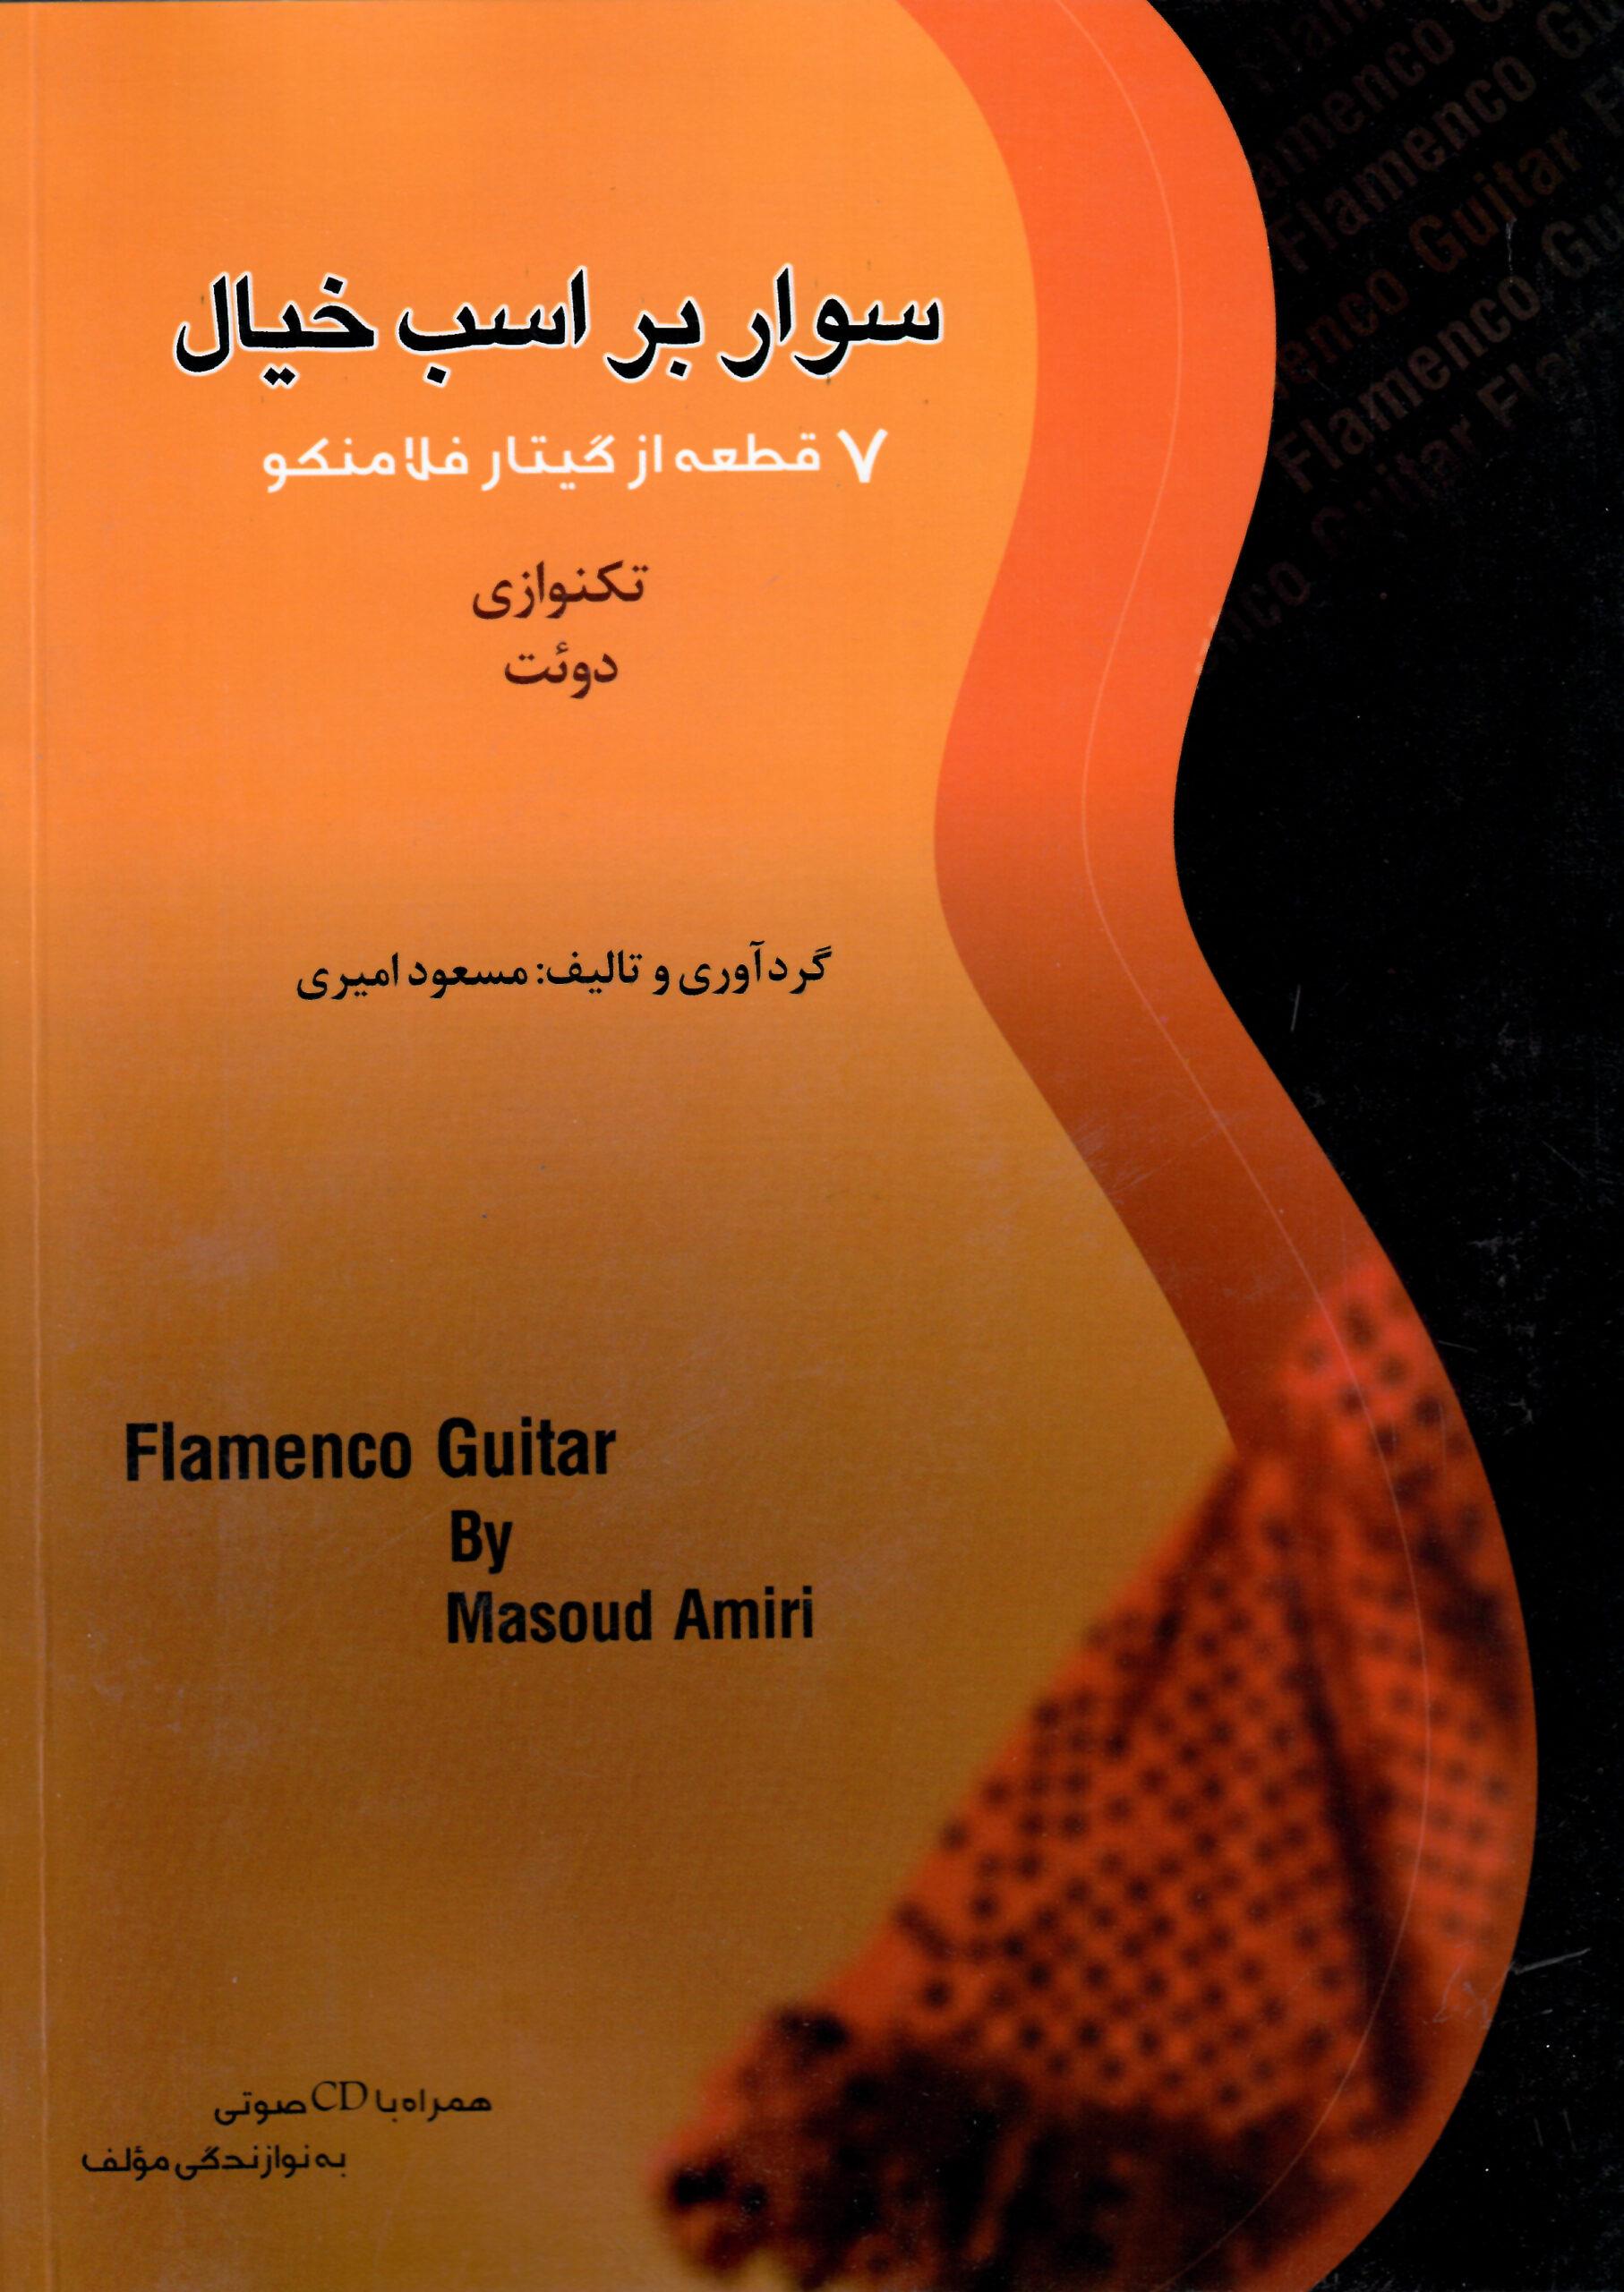 سوار بر اسب خیال همراه با CD / مسعود امیری